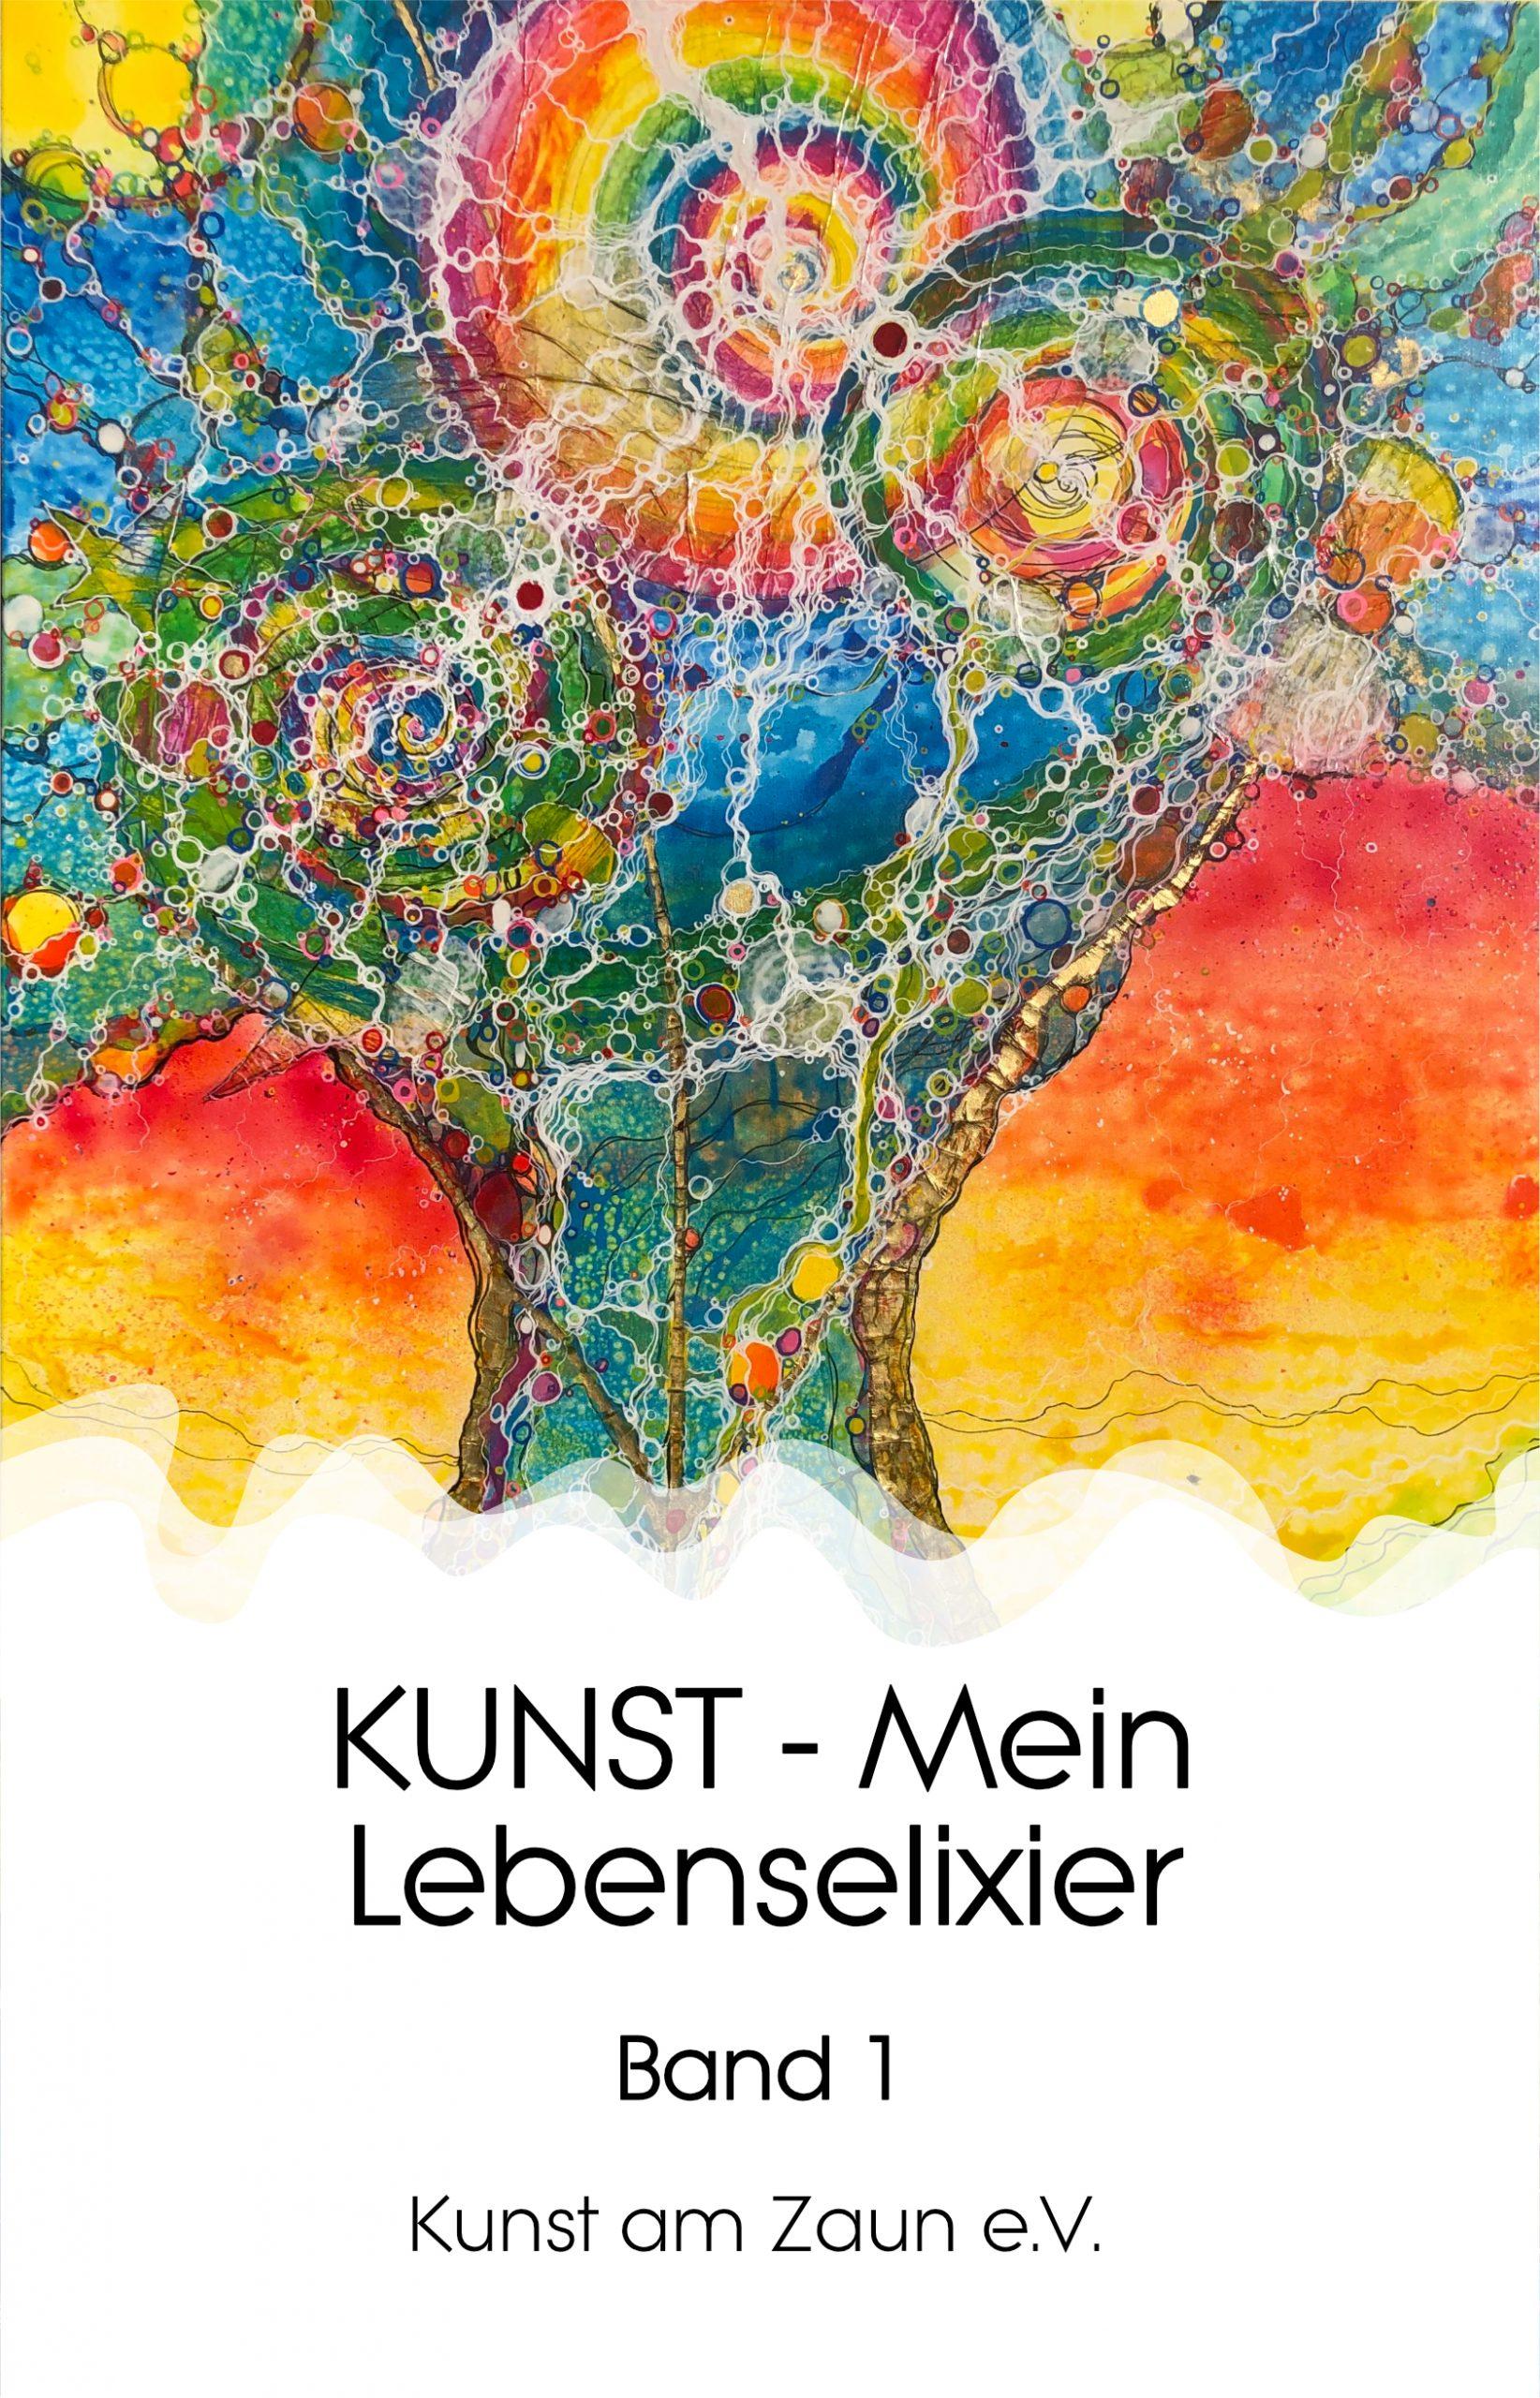 Kunst - Mein Lebenselixier, Band 1 ist veröffentlicht als Ebook und Taschenbuch